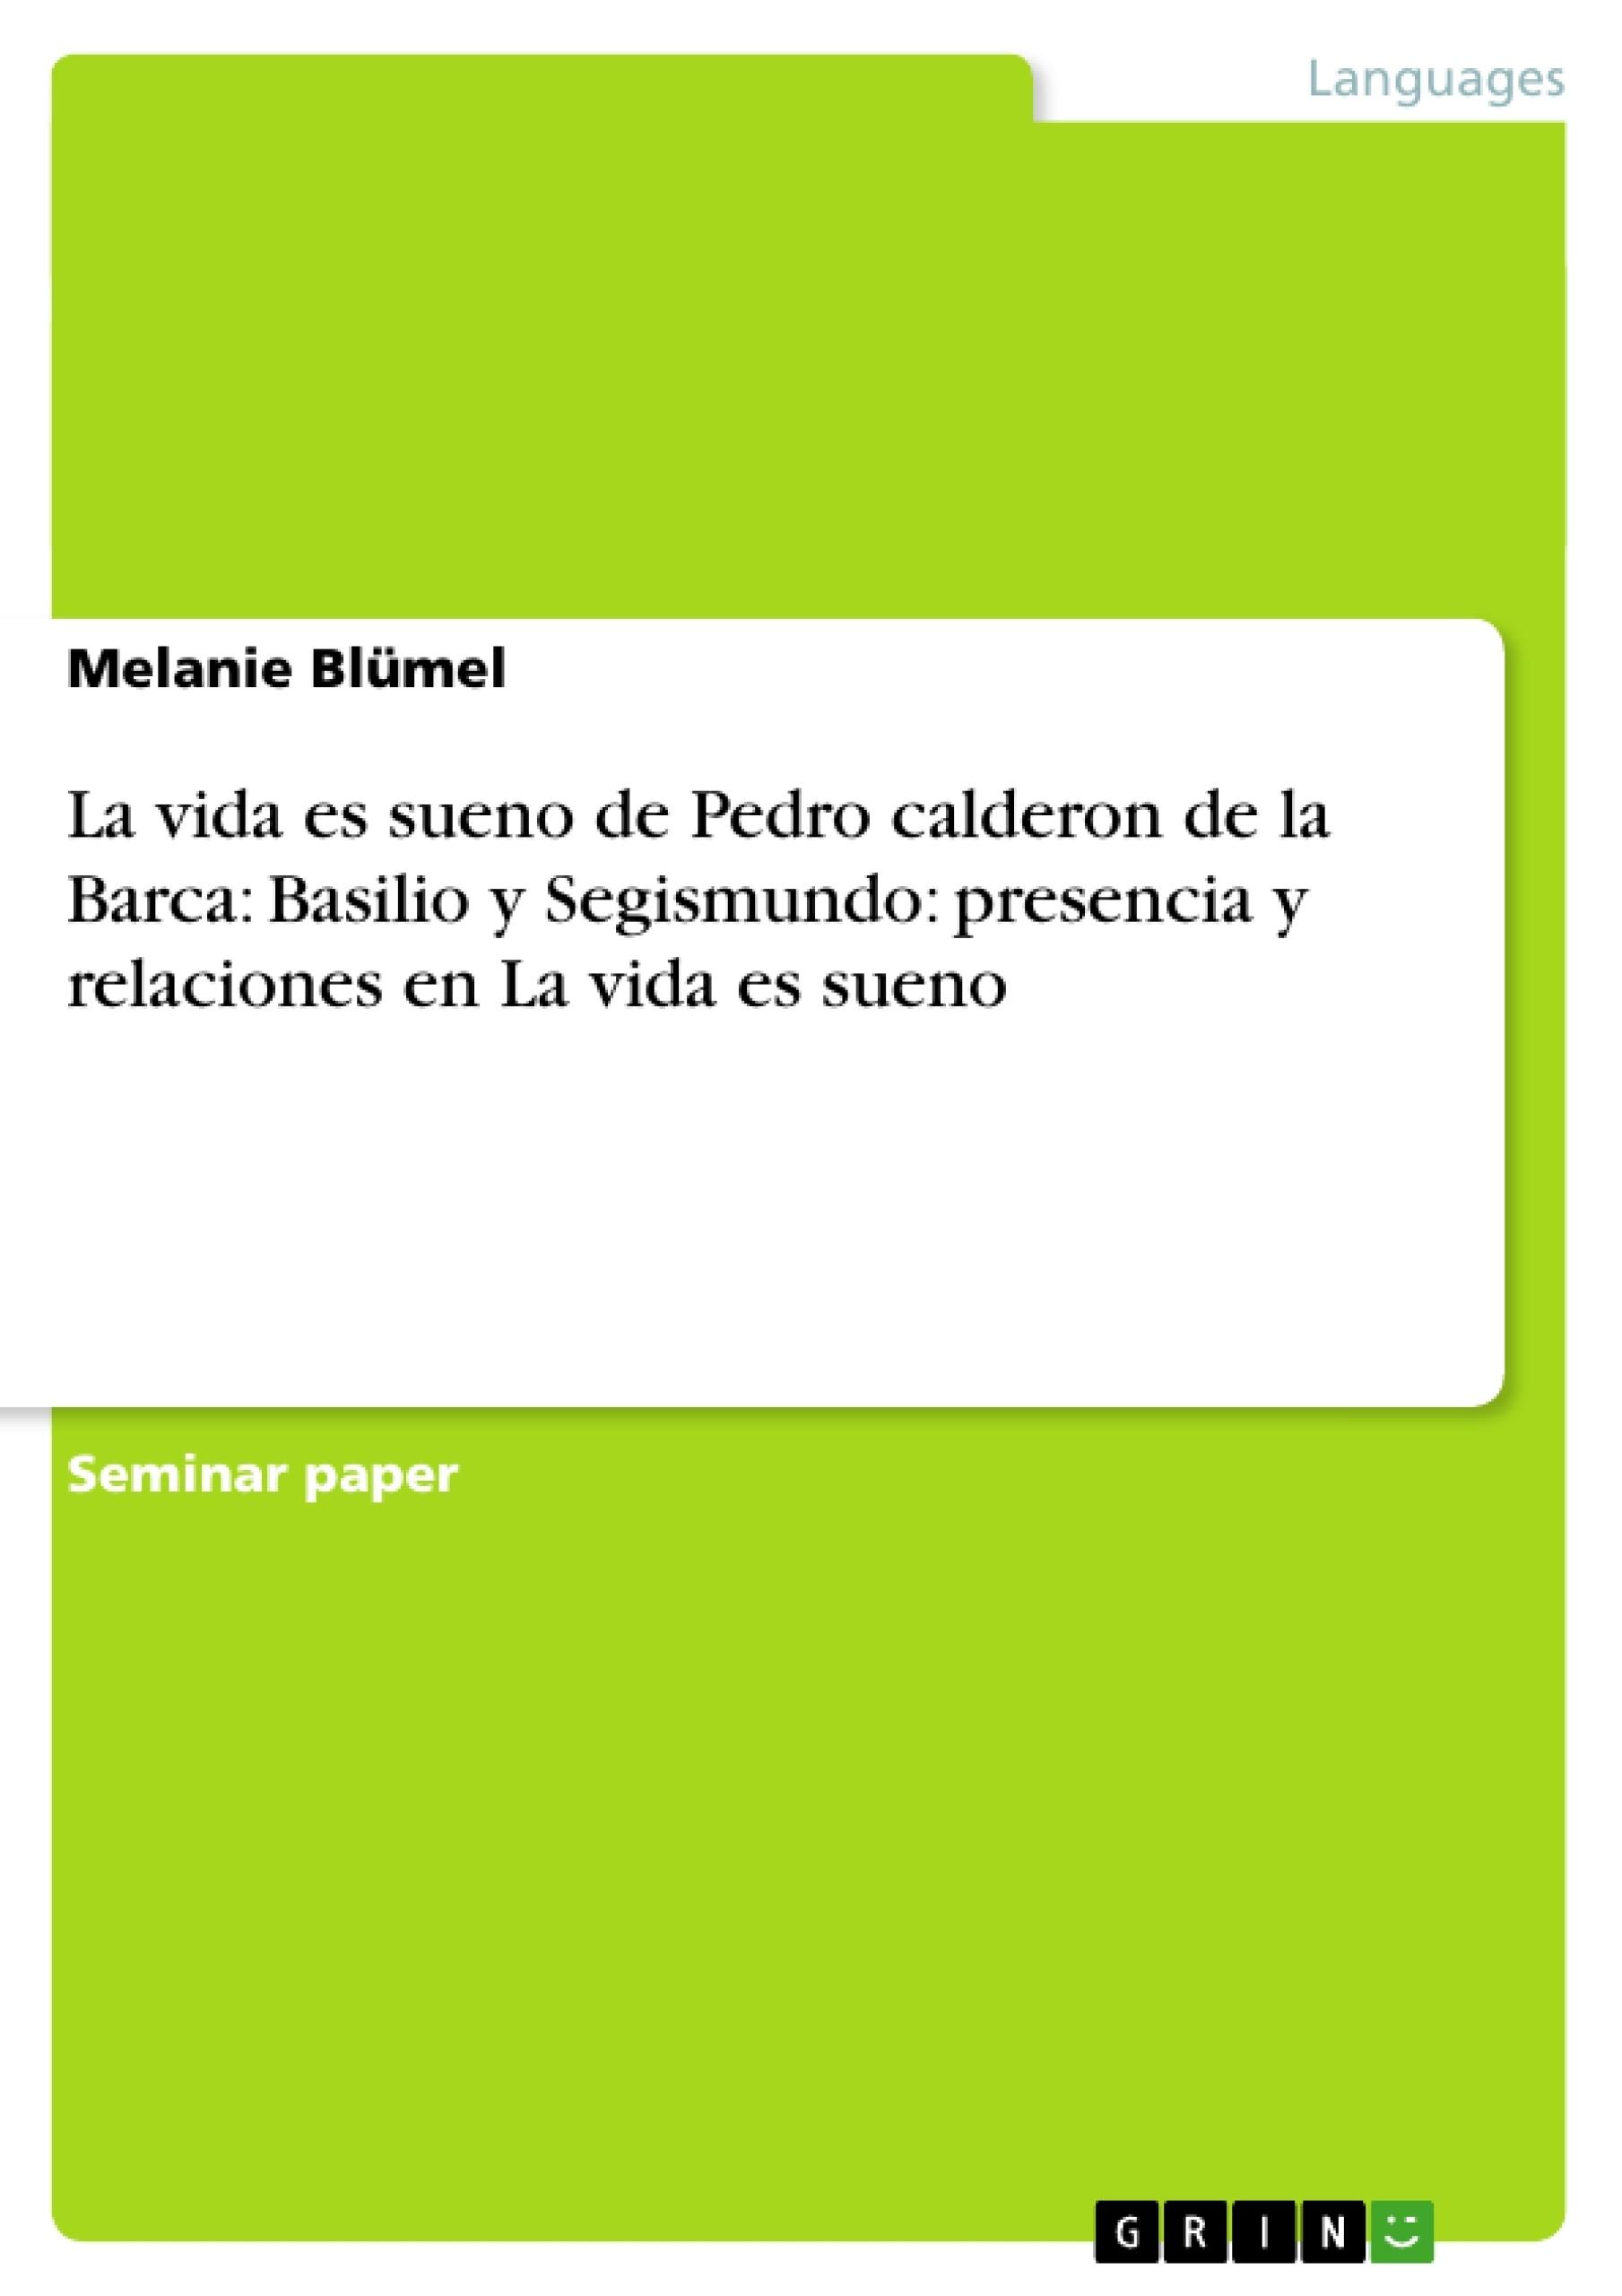 Título: La vida es sueno de Pedro calderon de la  Barca: Basilio y Segismundo: presencia y relaciones en La vida es sueno